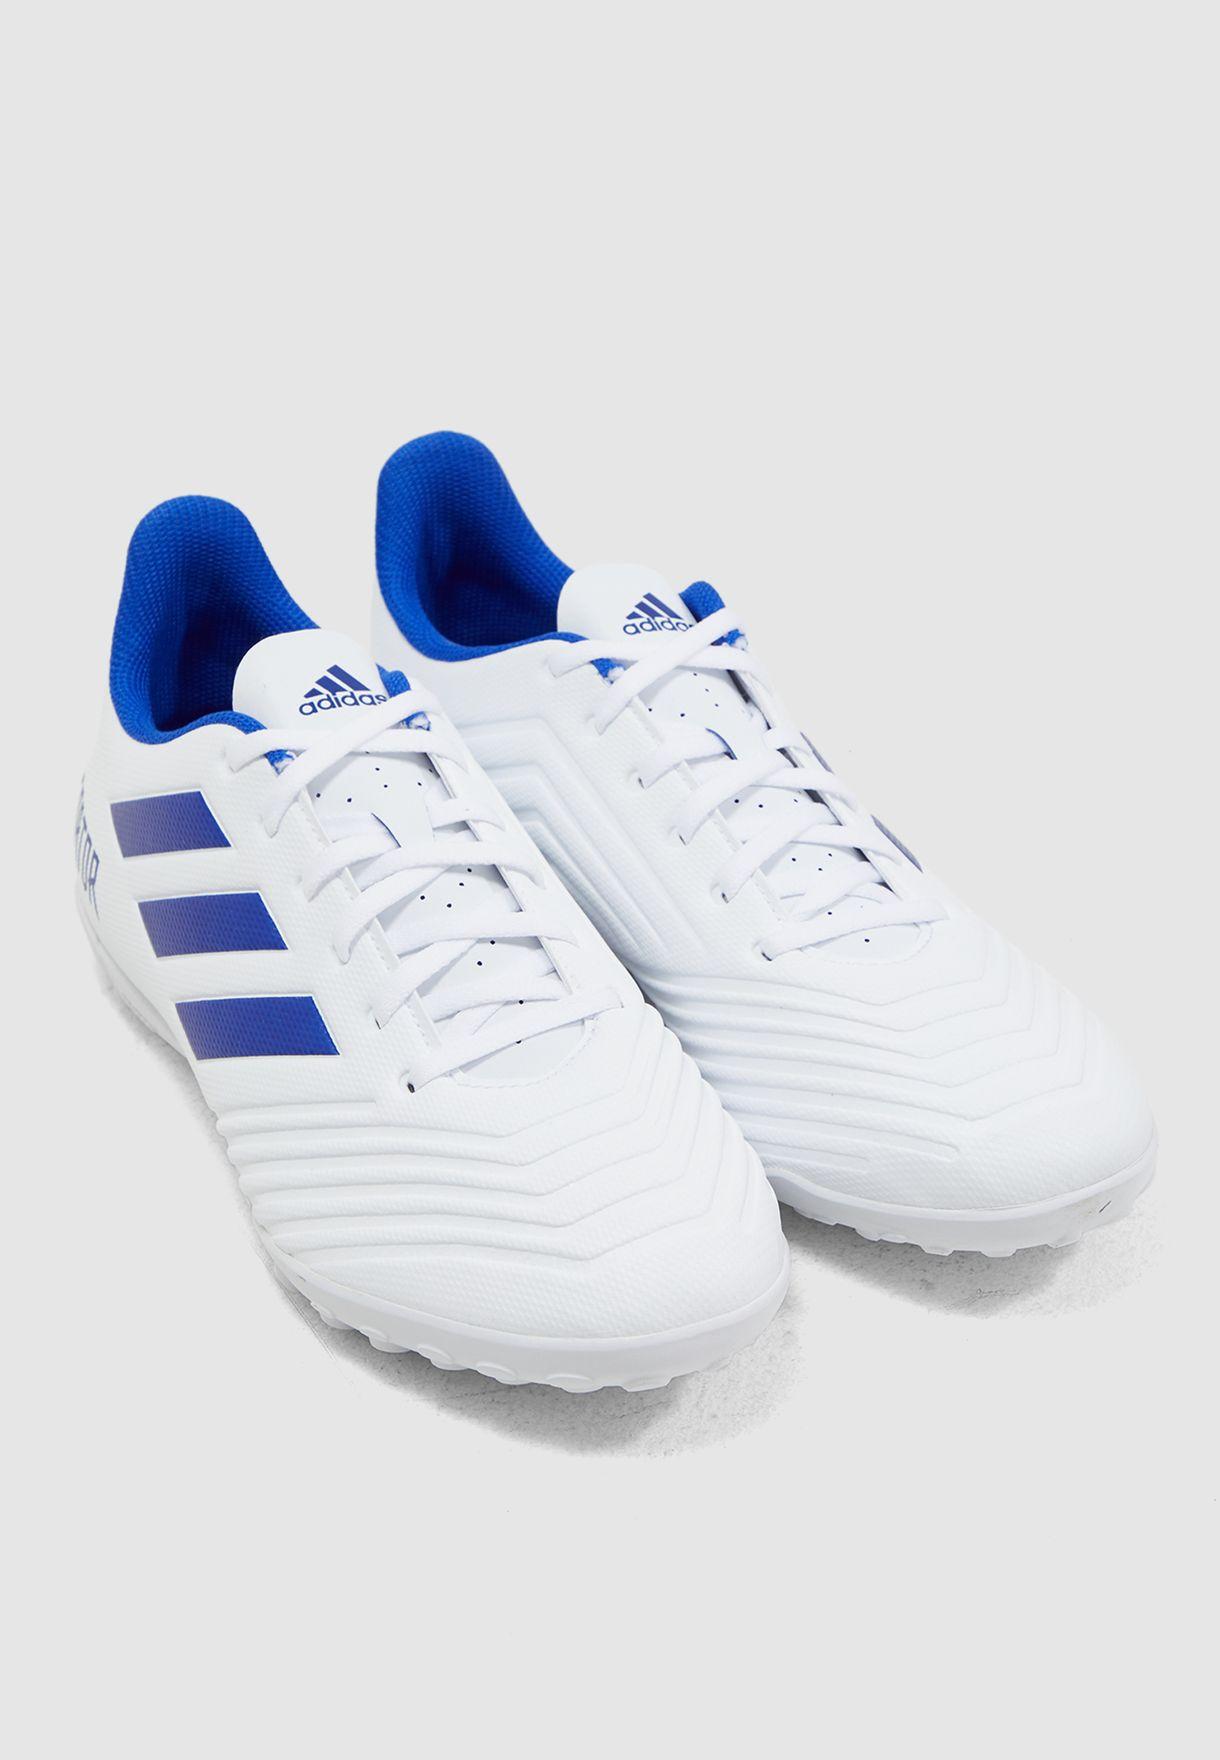 حذاء بريديتور 19.4 للارض العشبية